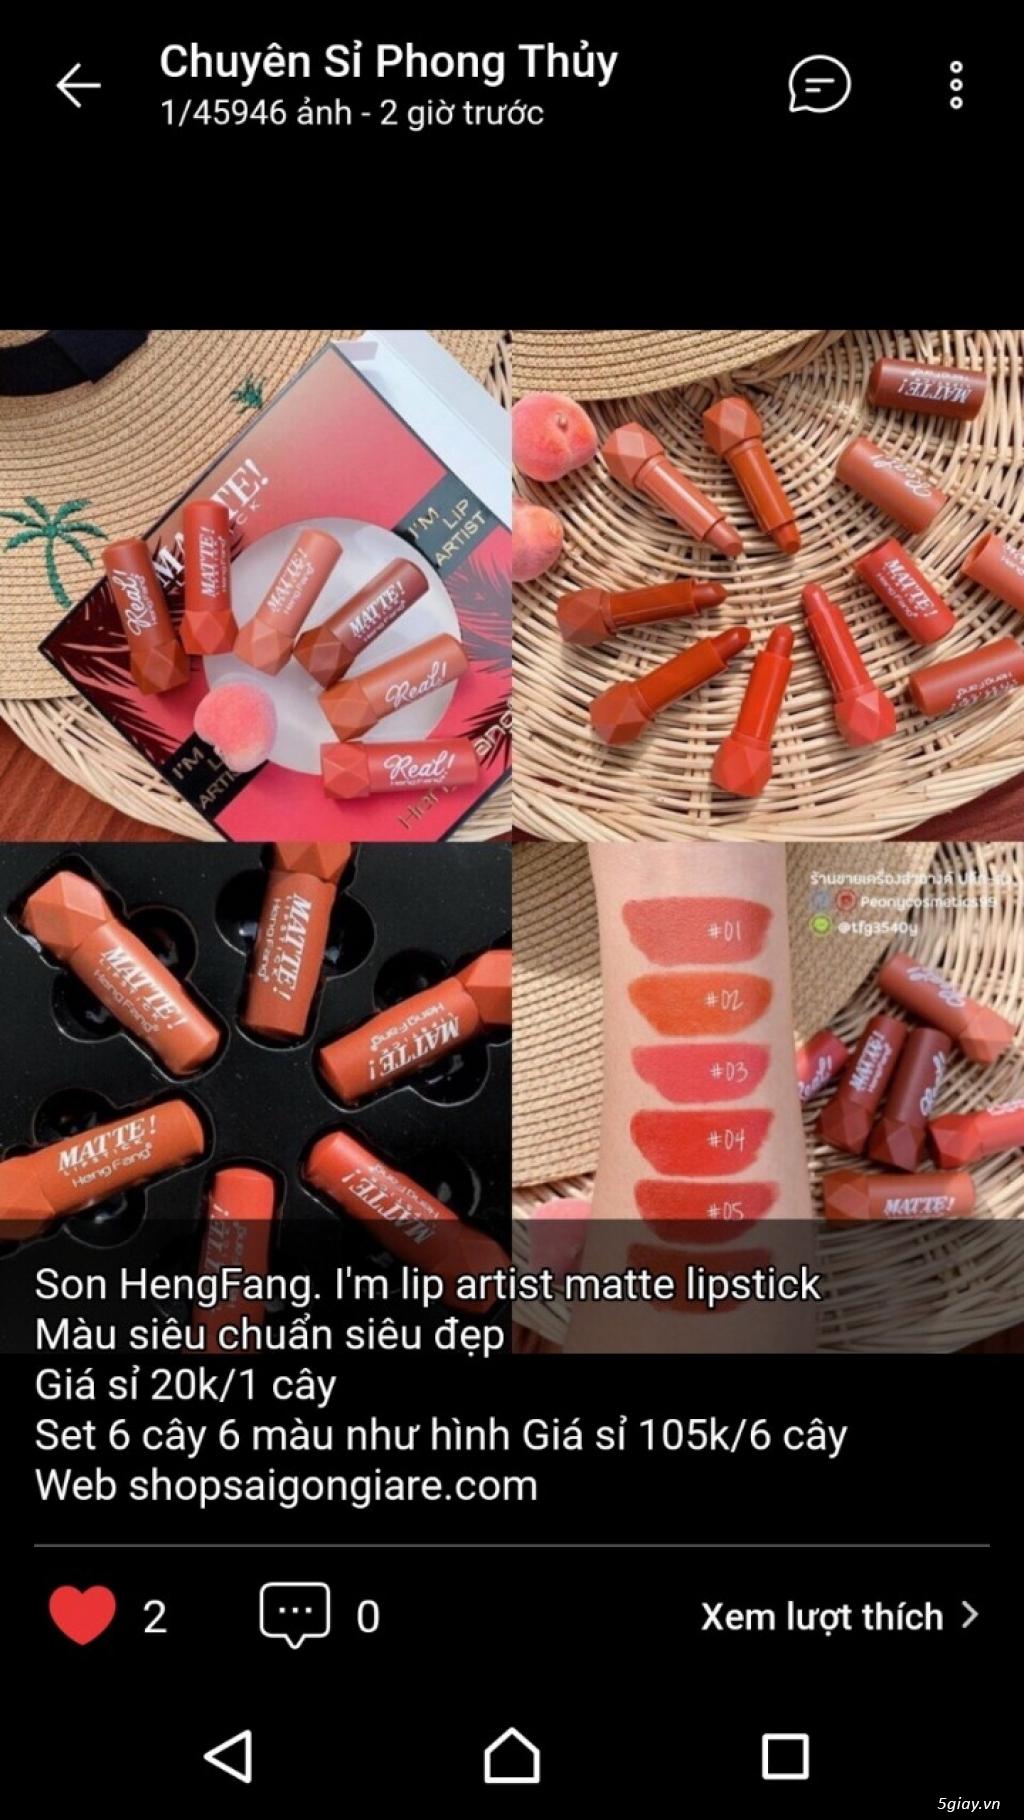 Shop sỉ mỹ phẩm, son môi, nước hoa, son thỏi, son kem, son xăm - 8